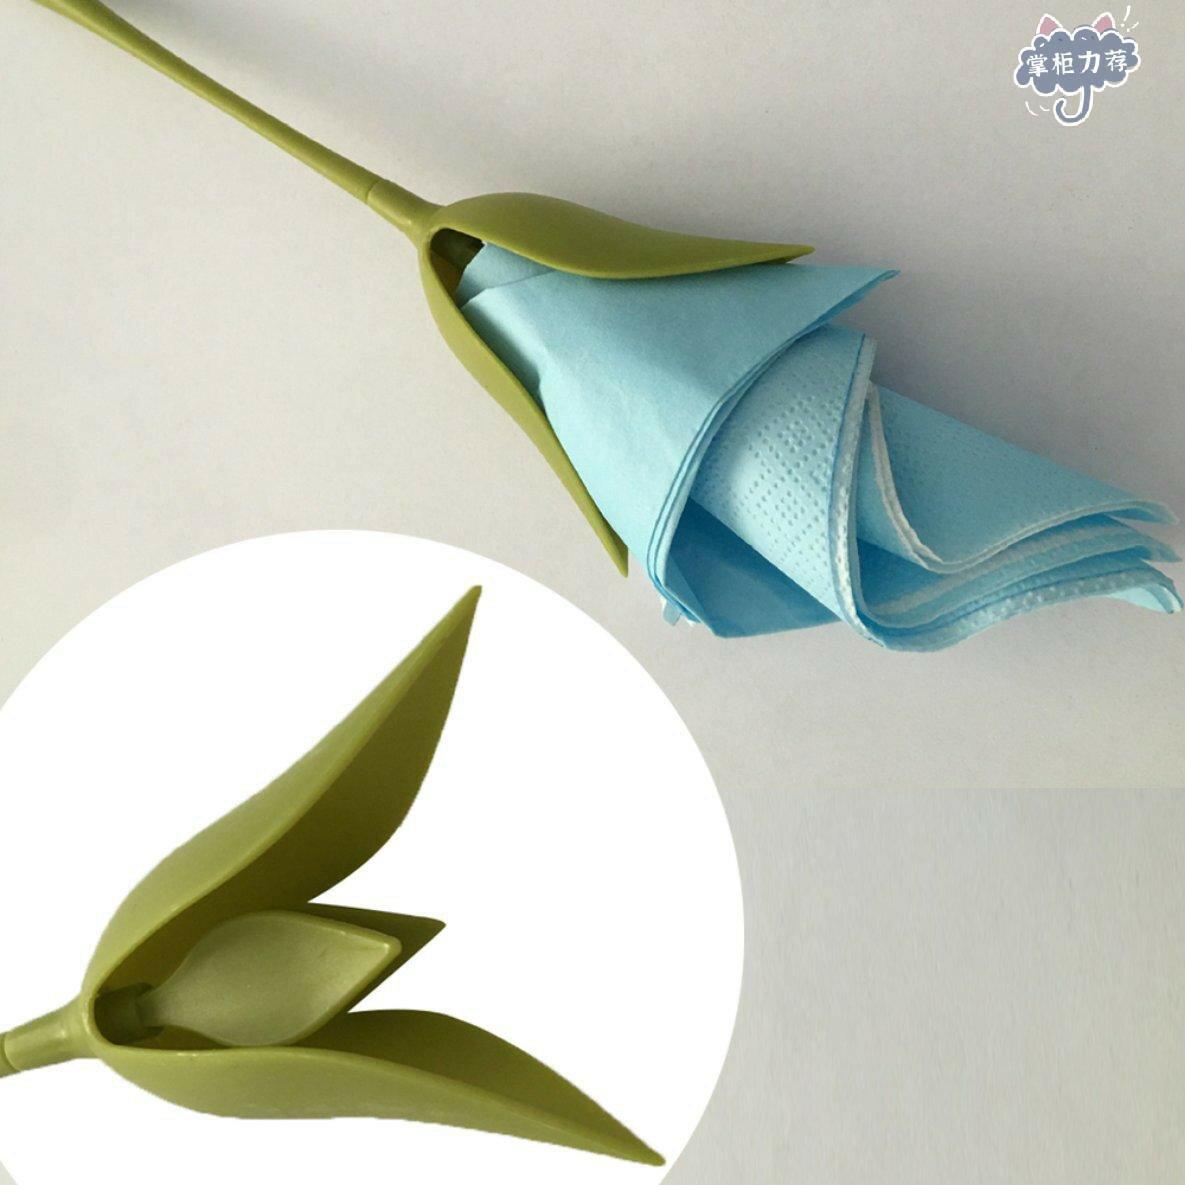 【全館免運】綻放餐巾架葉花紙巾卷餐巾紙DIY餐廳